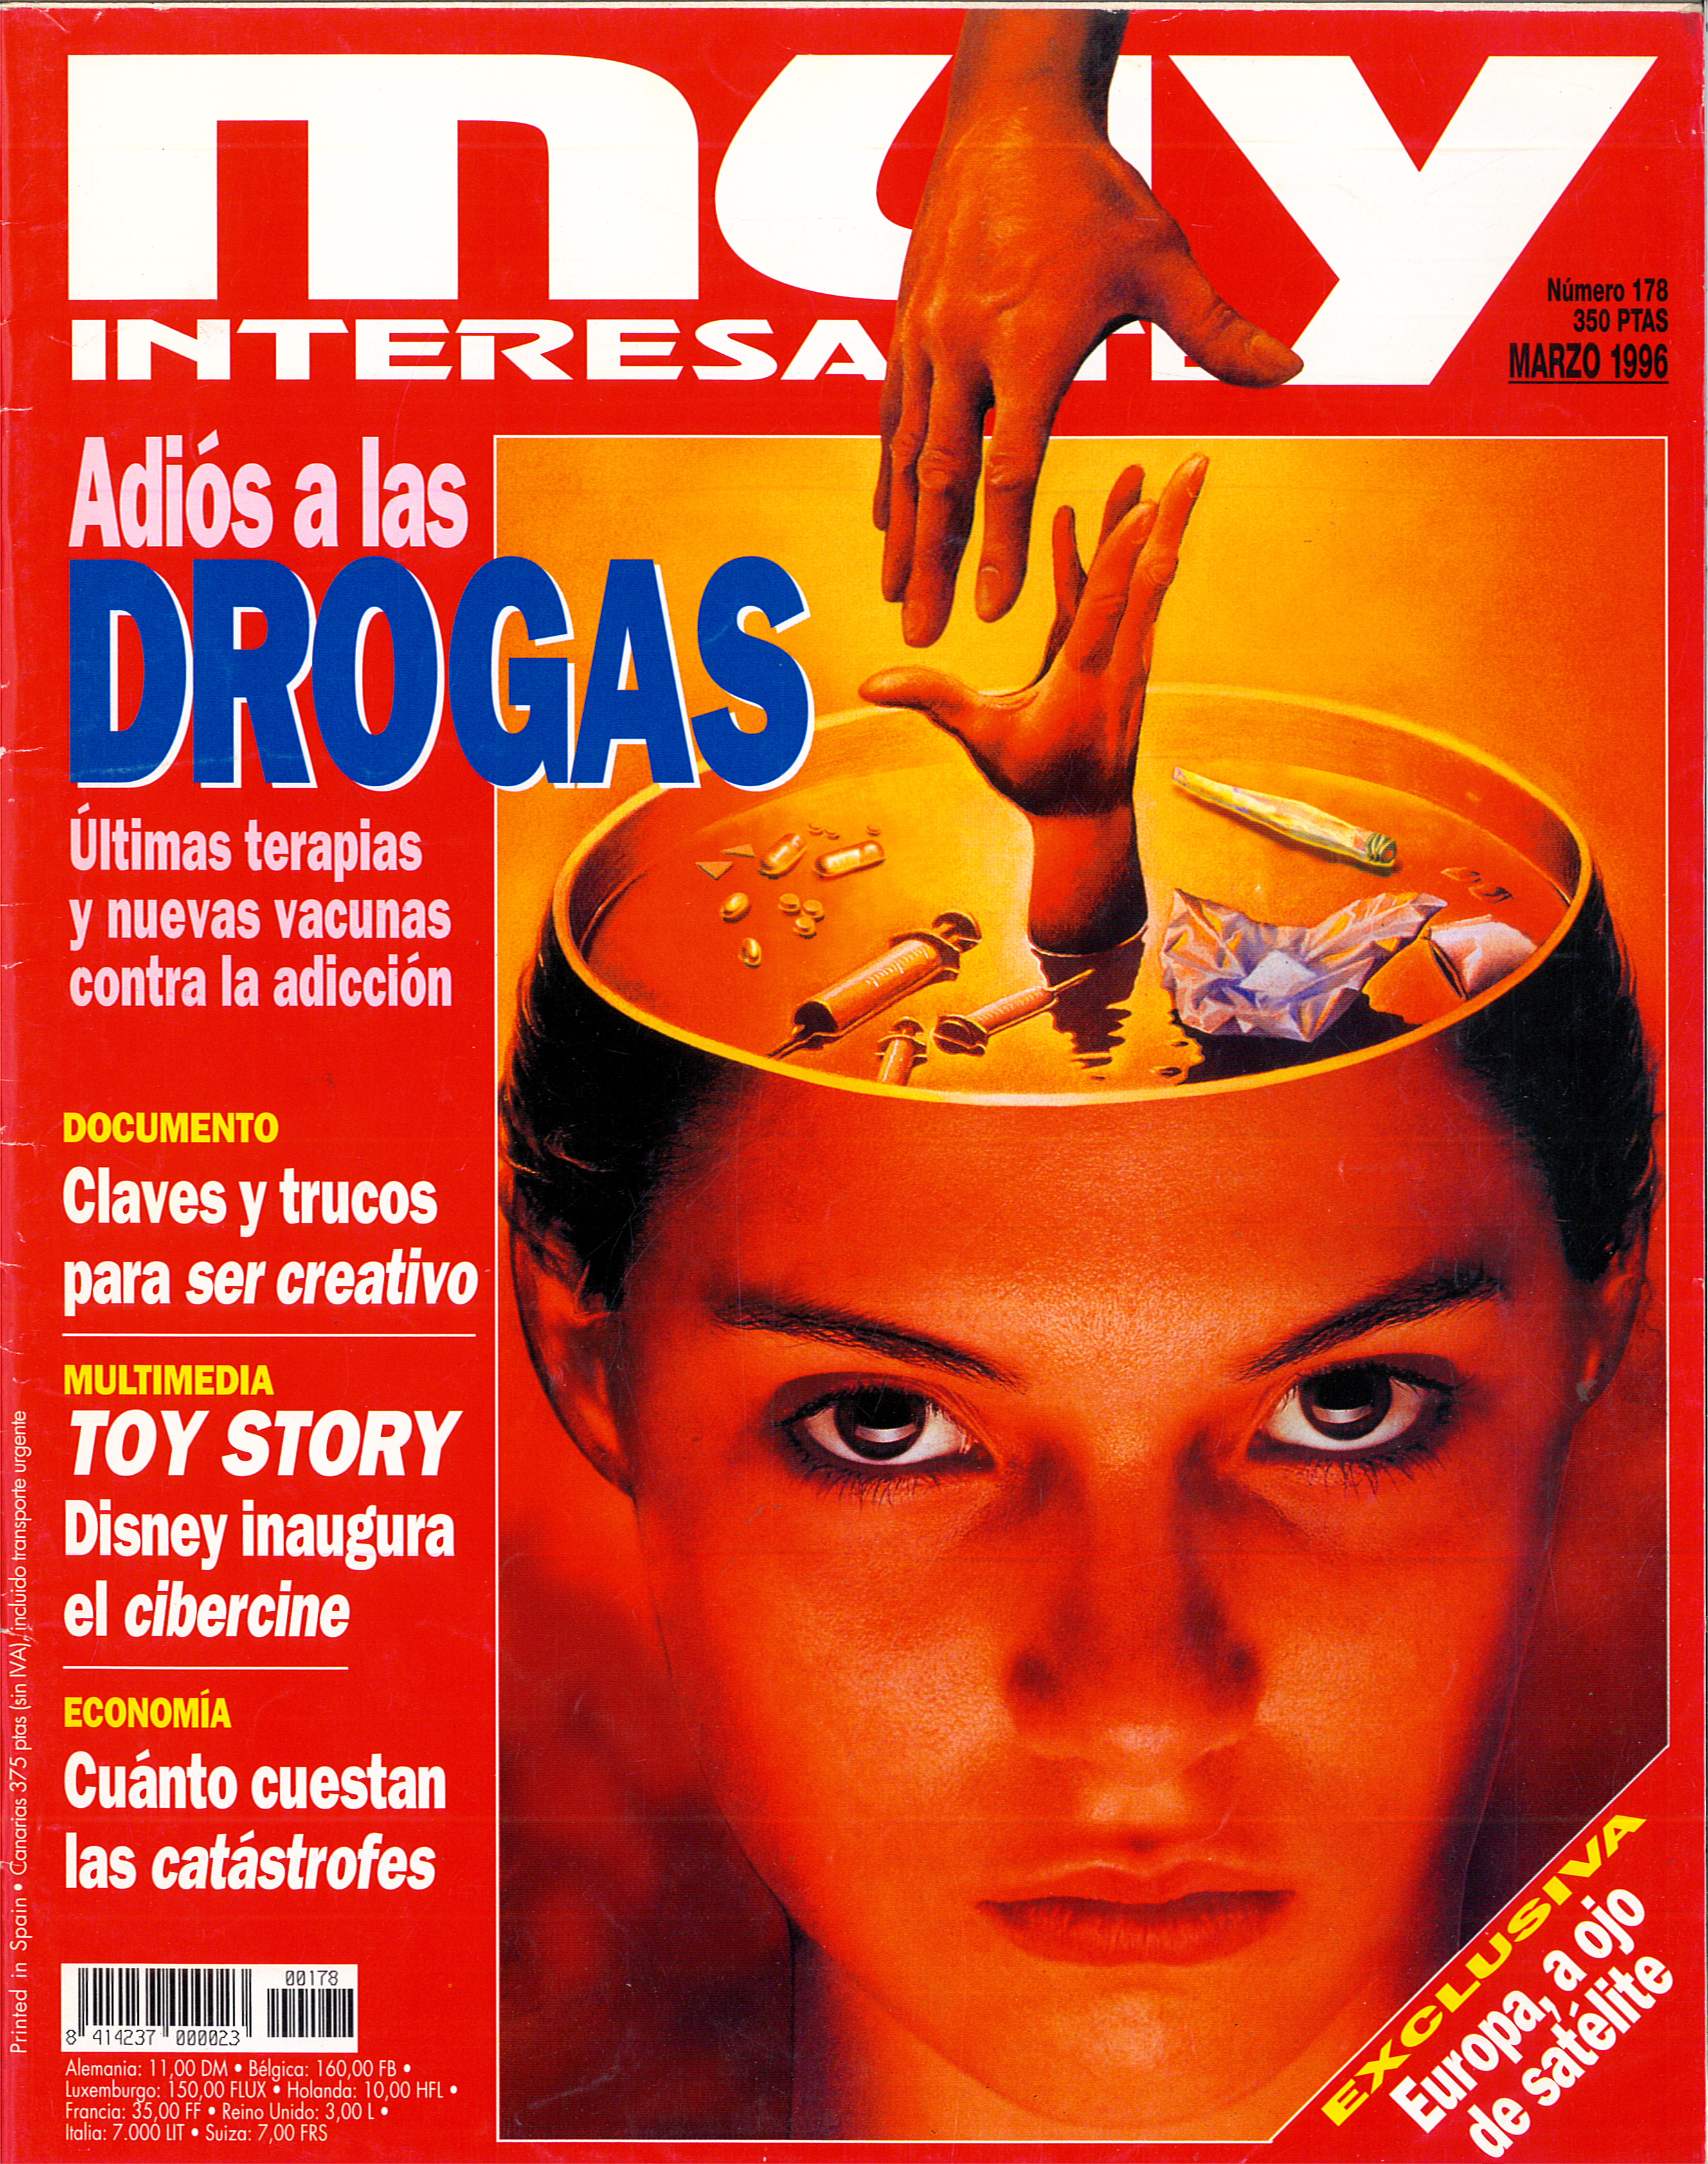 MUY INTERESANTE. Portada del nº 178 (marzo de 1996). Titular destacado: Adiós a las Drogas-Ultimas terapias y nuevas vacunas contra la adicción.